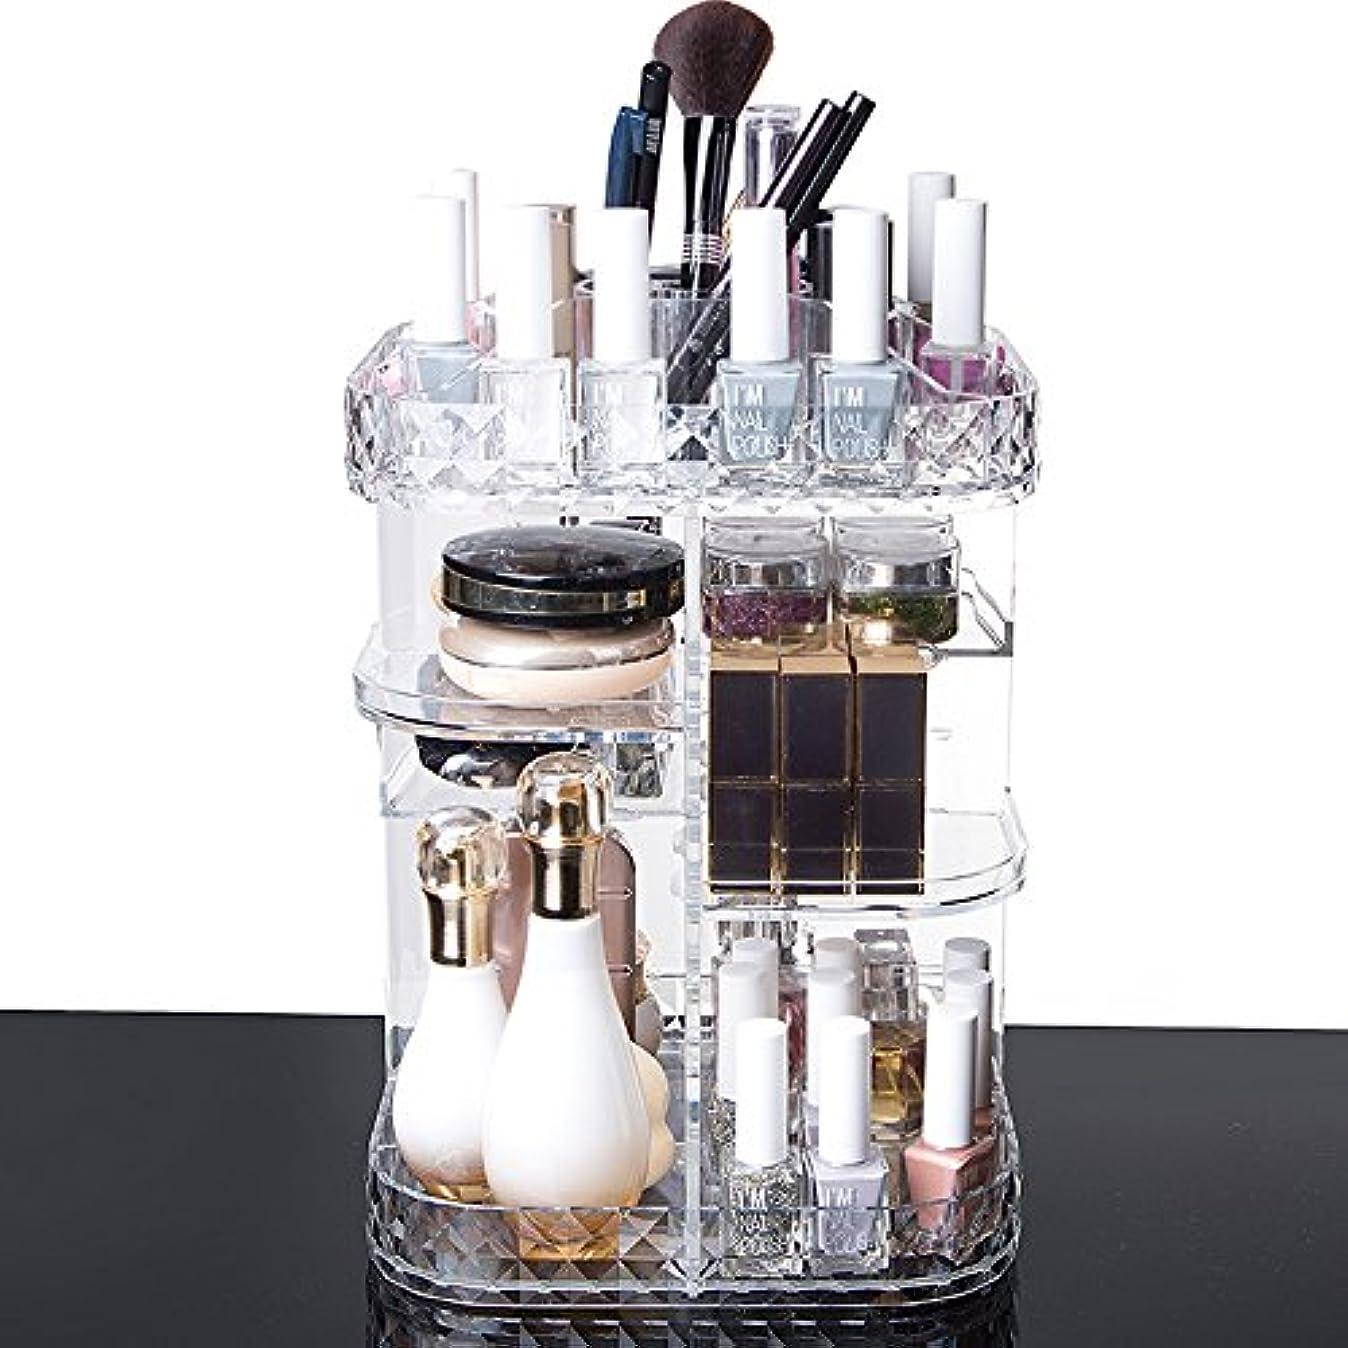 メッセージ女の子忠実な化粧品収納ボックス メイクケース メイクボックス 化粧品入れ コスメ収納スタンド (360度回転式)